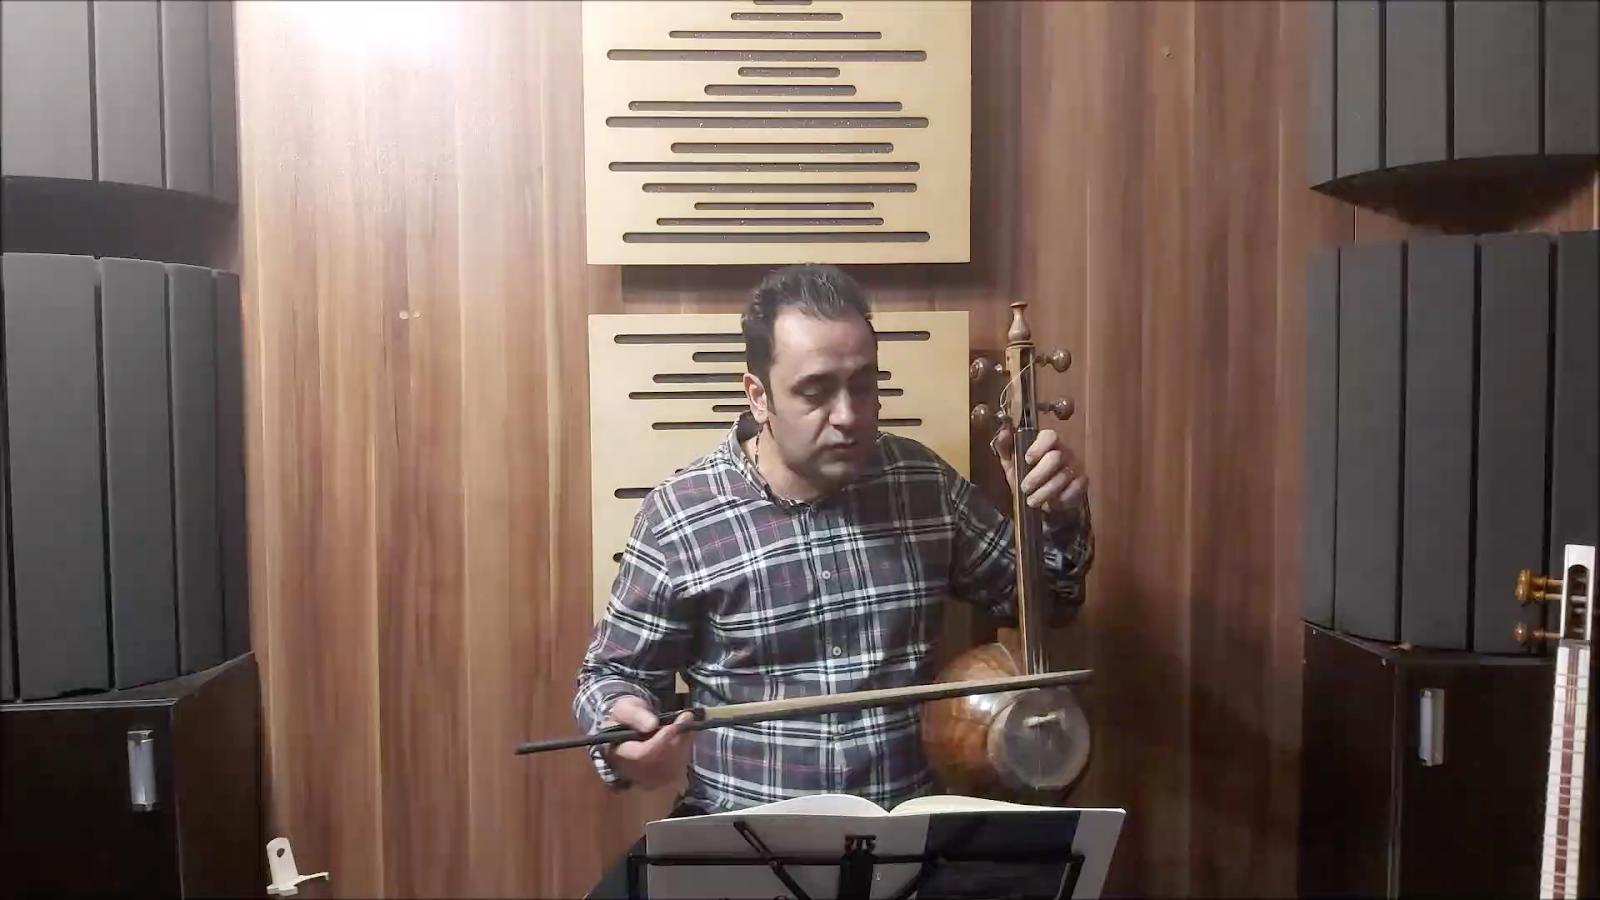 دانلود اجرای تمرین 59 – 3 کتاب اول هنرستان روح الله خالقی ایمان ملکی کمانچه